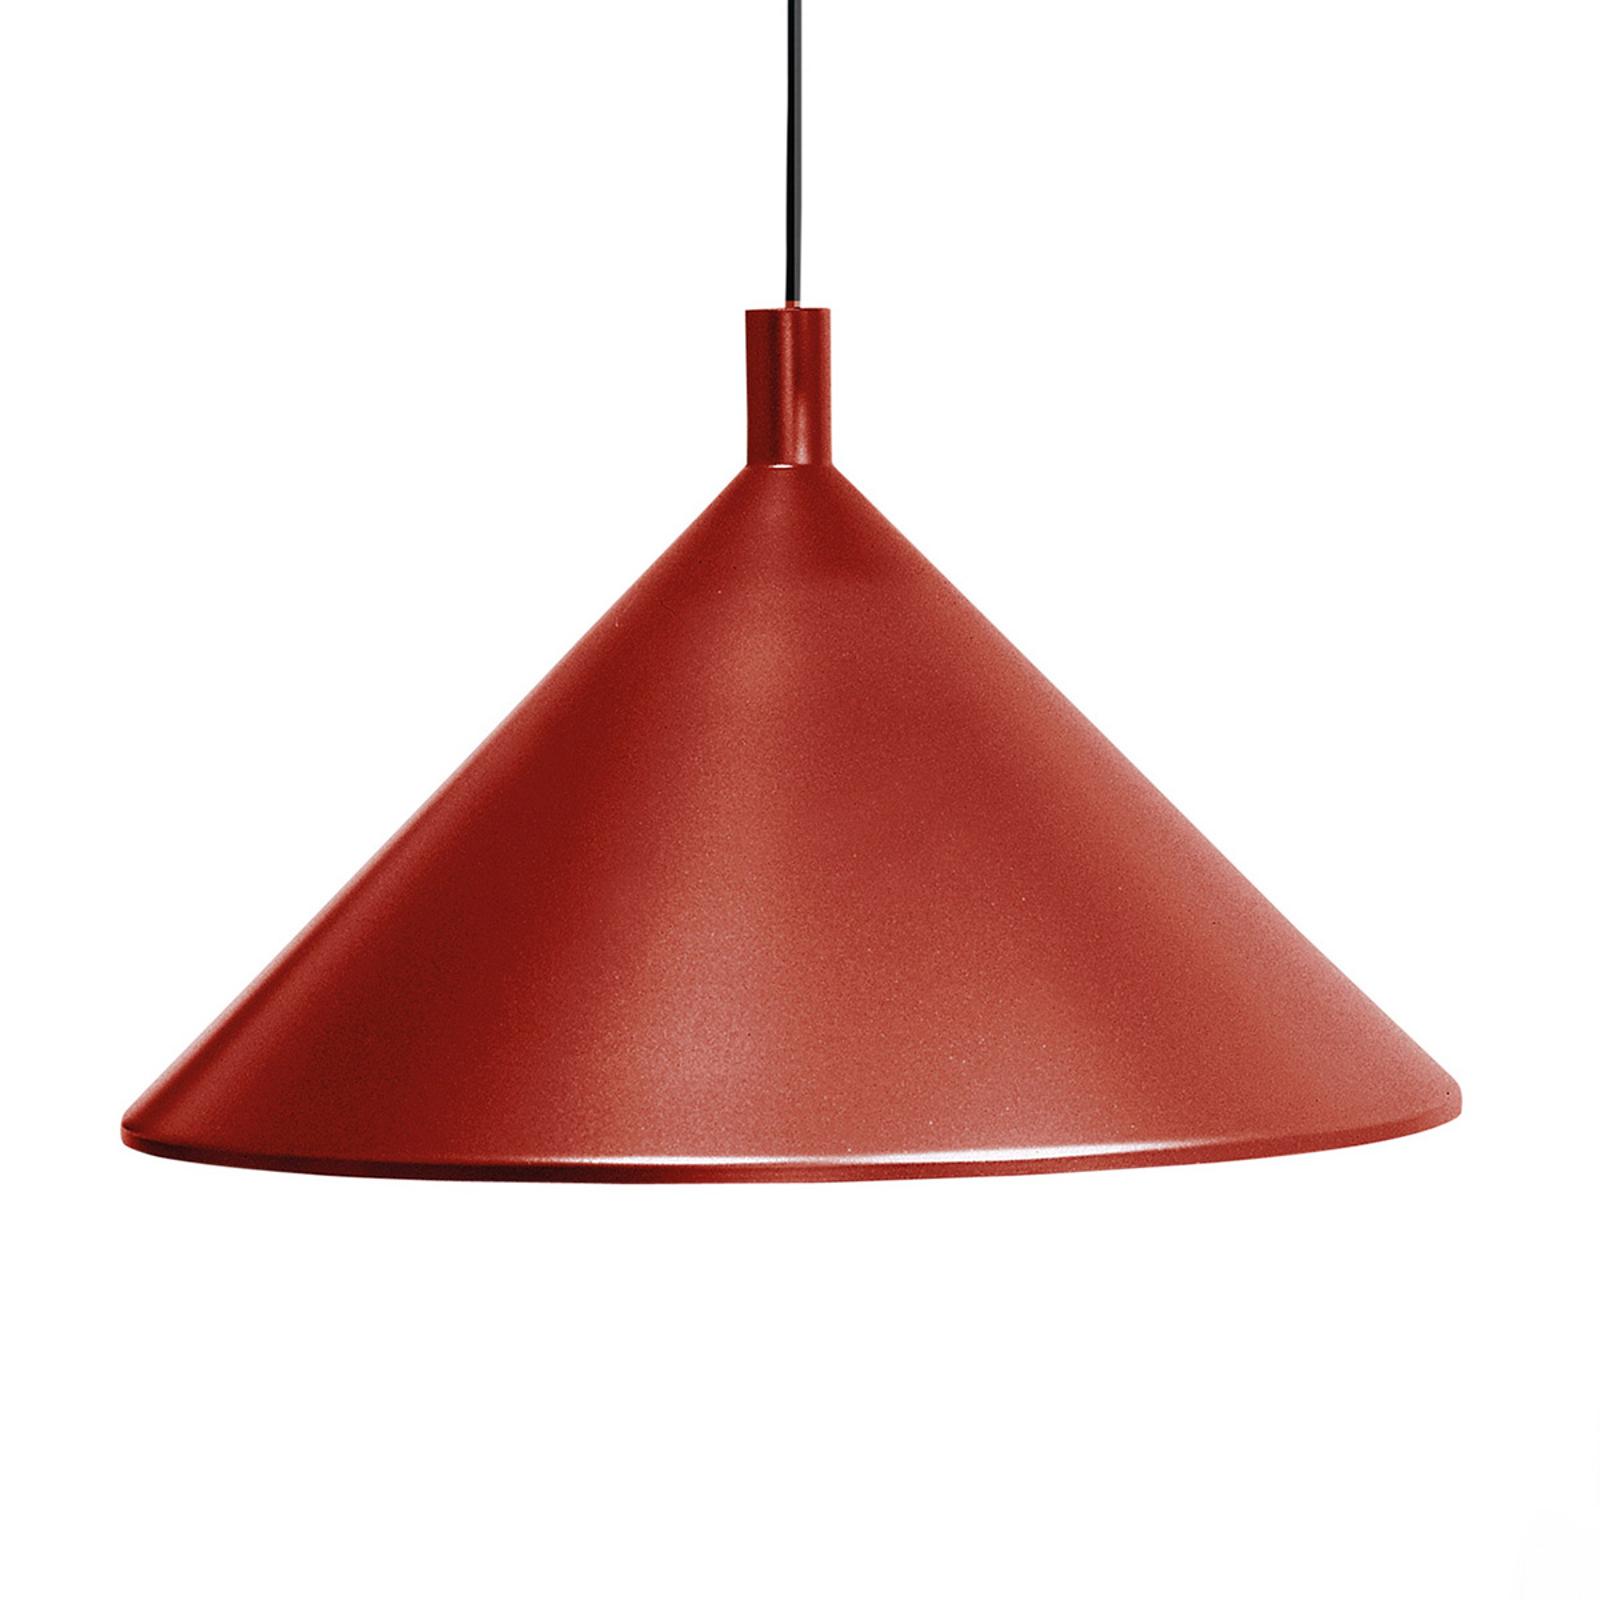 Martinelli Luce Cono Hängeleuchte rot, Ø 30 cm